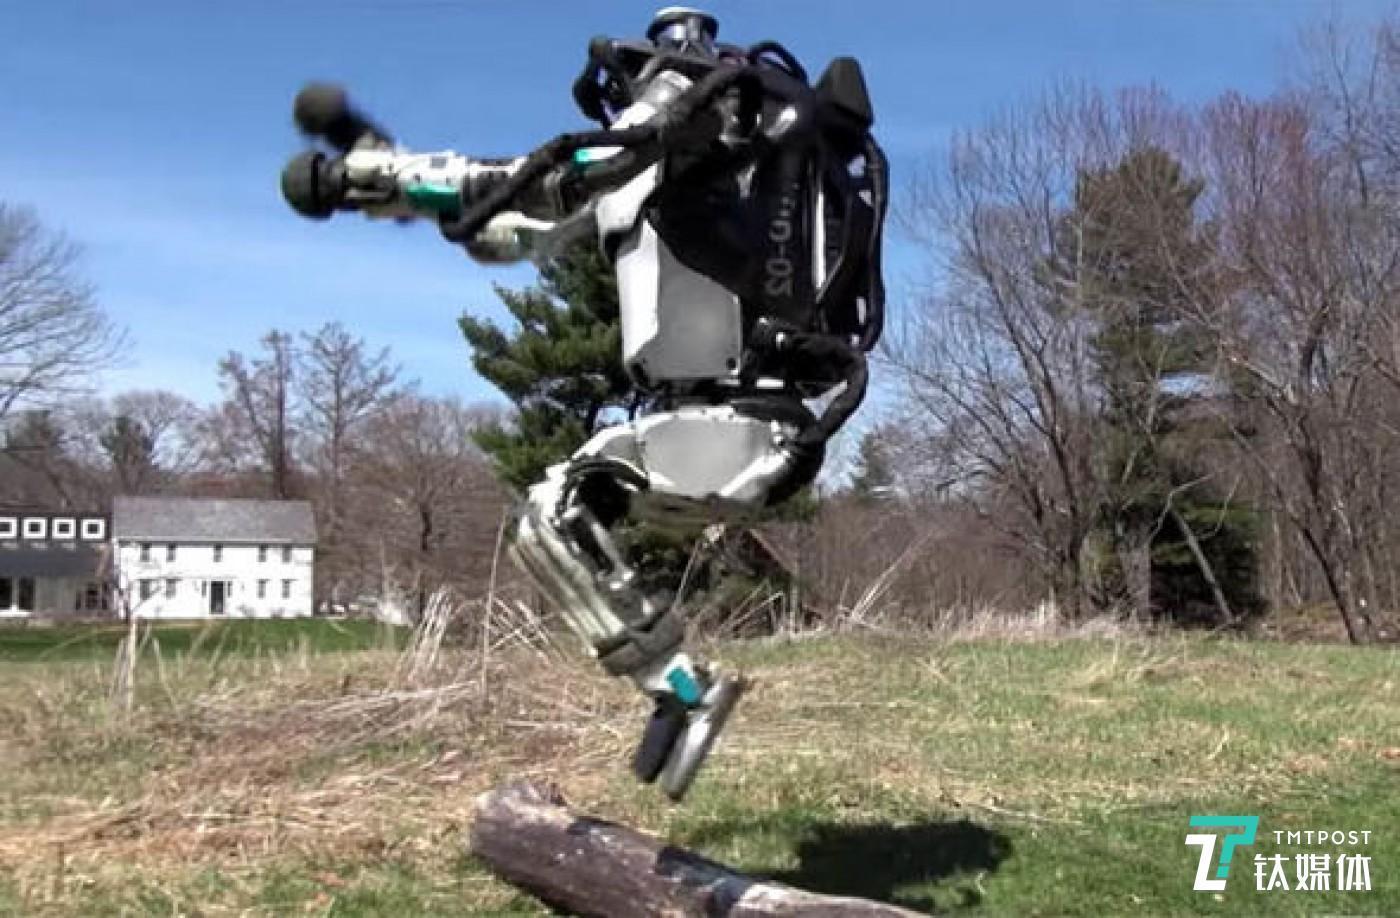 2019年,波士顿动力的机器人不断进化,吸引了全球科技行业的目光。(图/波士顿动力)